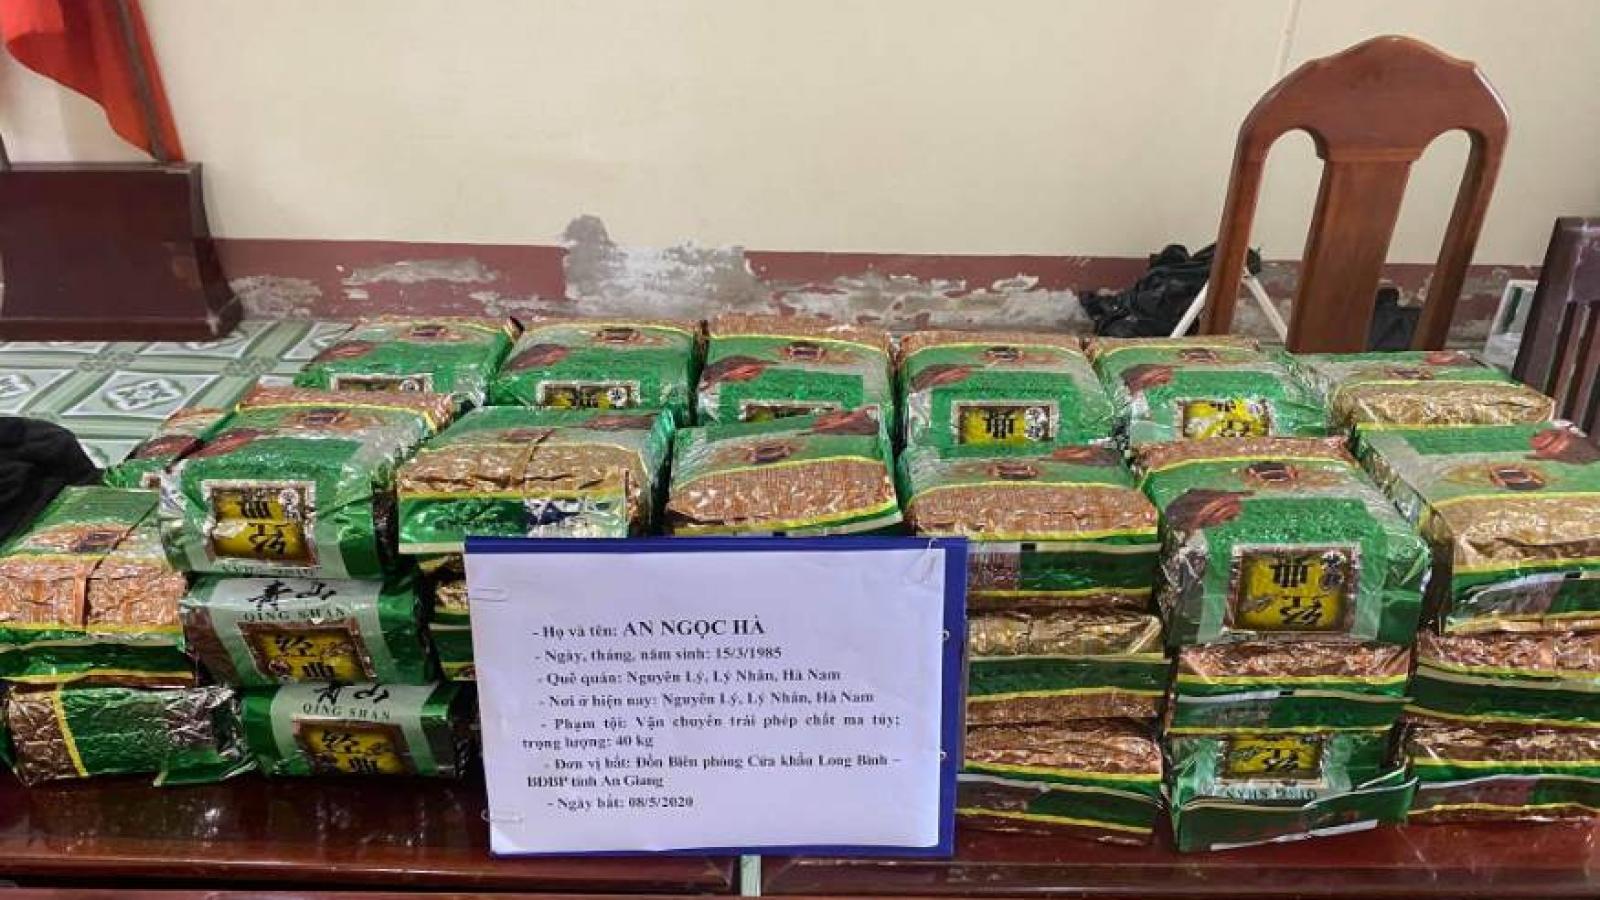 BĐBP mật phục bắt vụ vận chuyển 40 kg ma túy đá từ Campuchia về Việt Nam